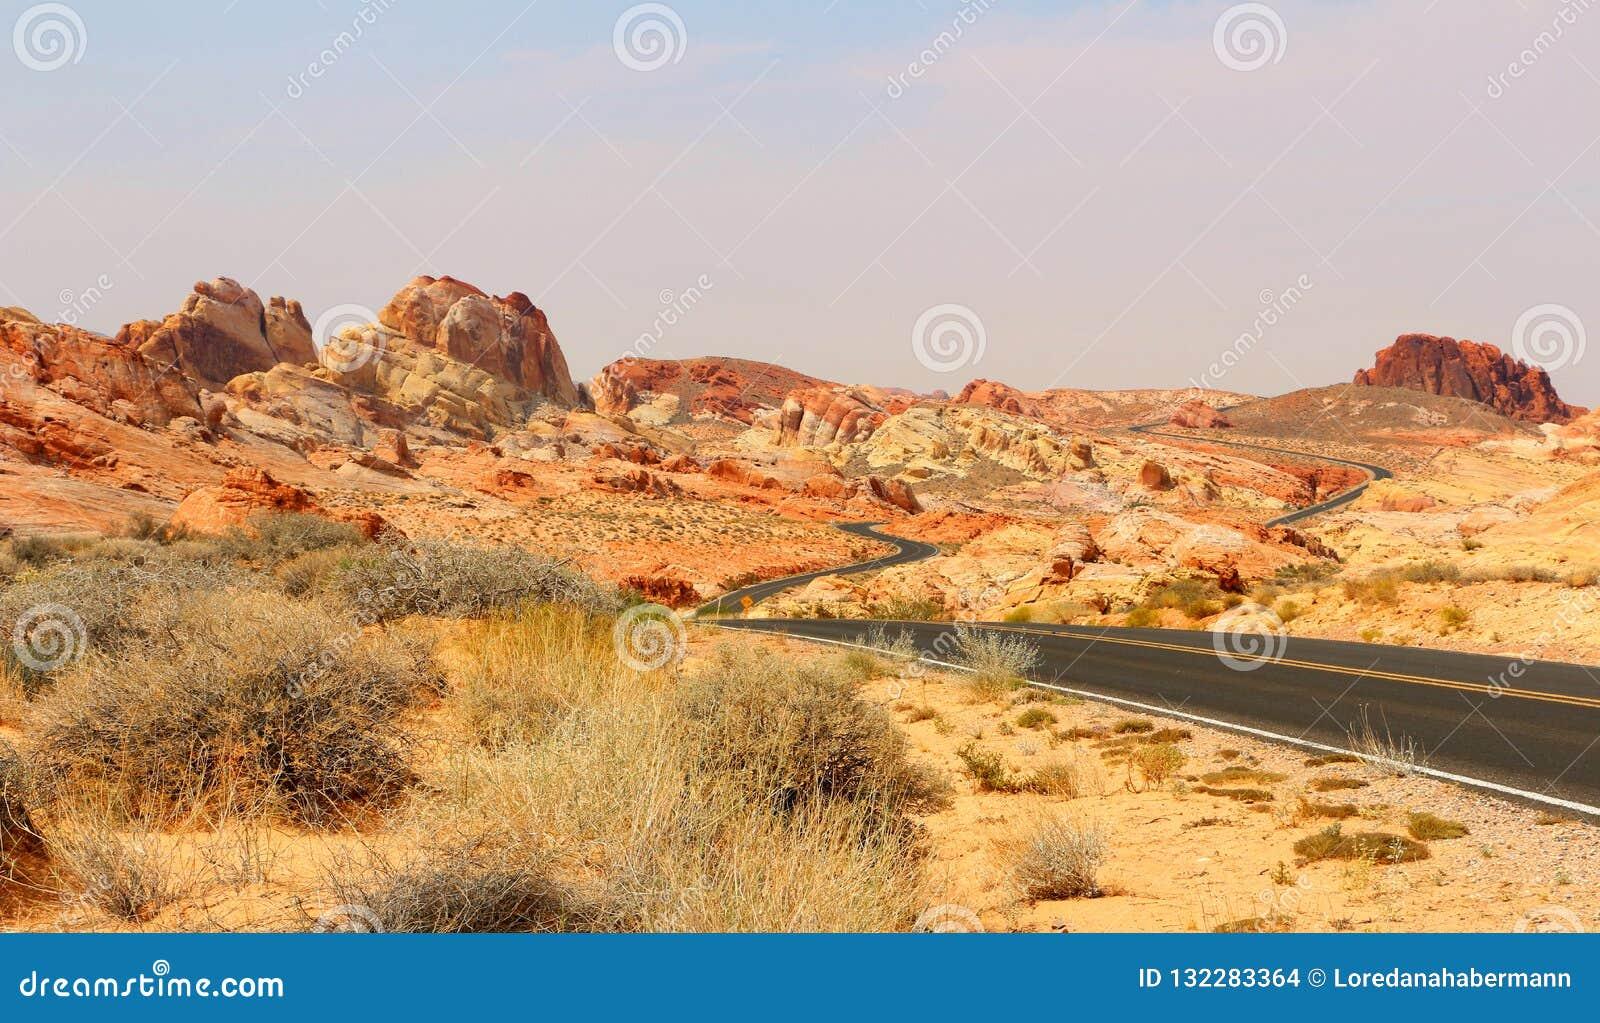 De vallei van het Park van de Brandstaat kenmerkt spectaculaire rood-zandsteenspitsen, bogen en andere rotsvormingen Vallei van h